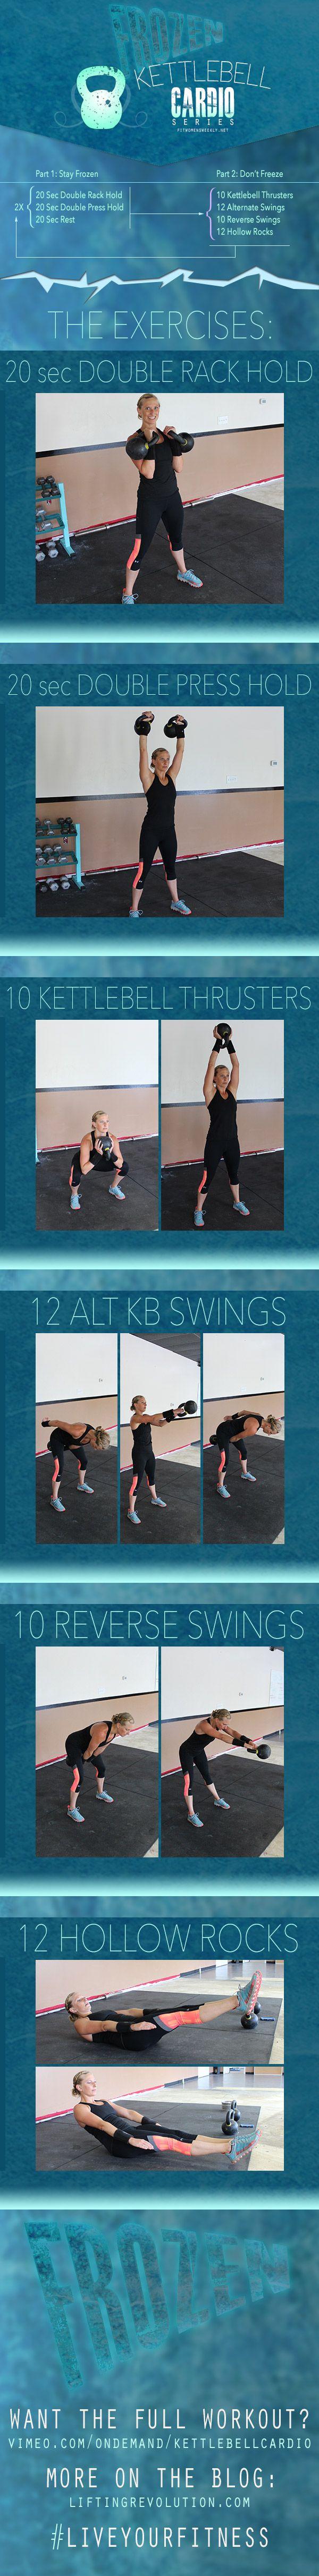 10 Minute Kettlebell Workout Frozen. Total body, fast workout #kettlebells